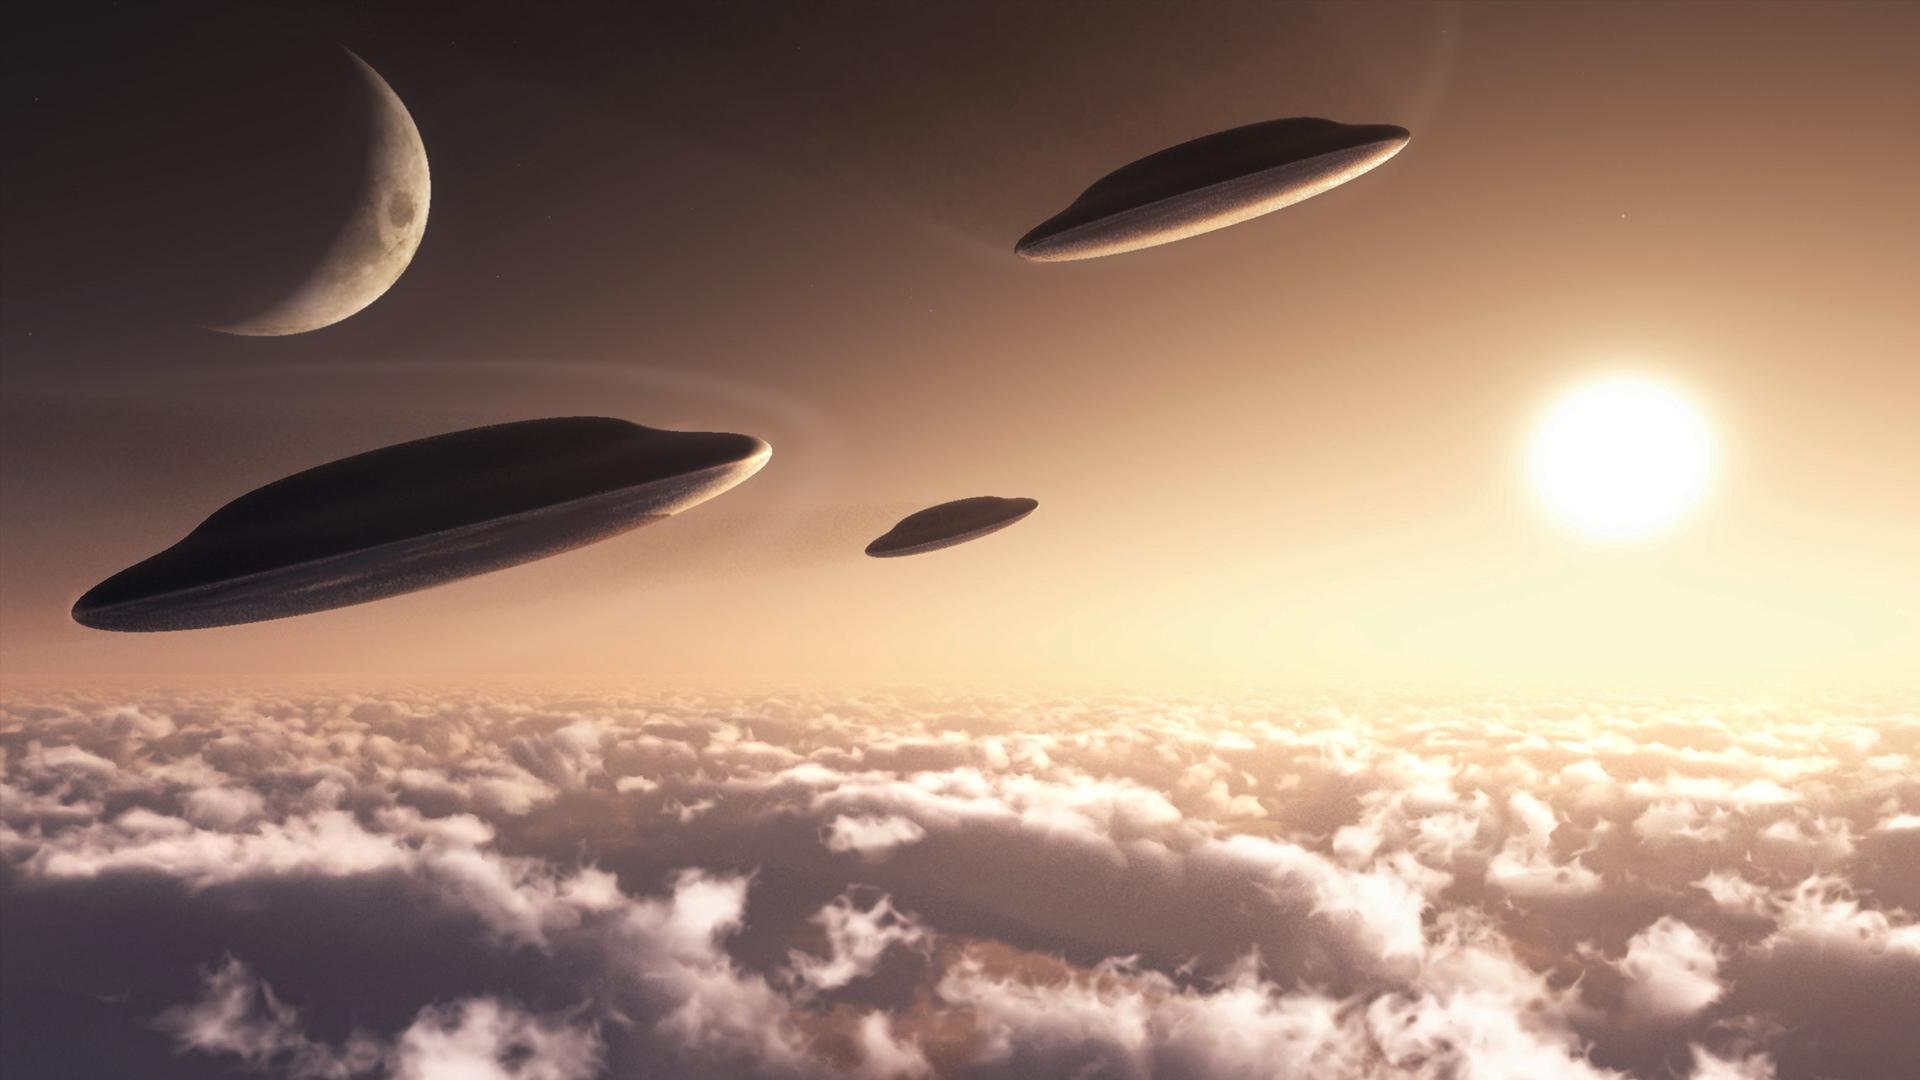 Günəş ətrafında yadplanetli gəmisi aşkar edilib (VİDEO)